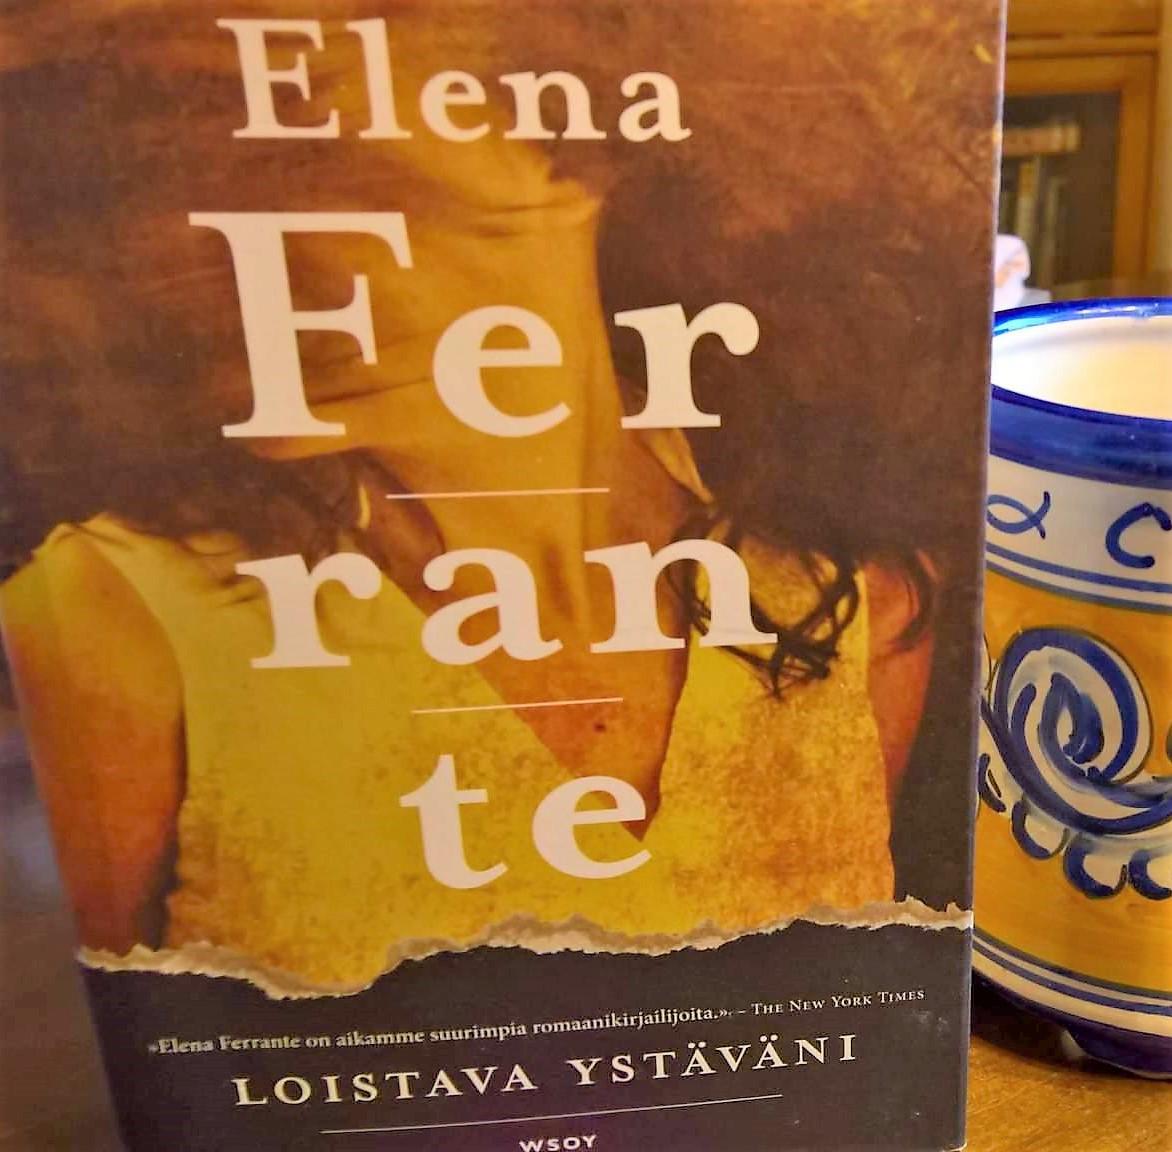 Elena Ferrante Loistava Ystäväni